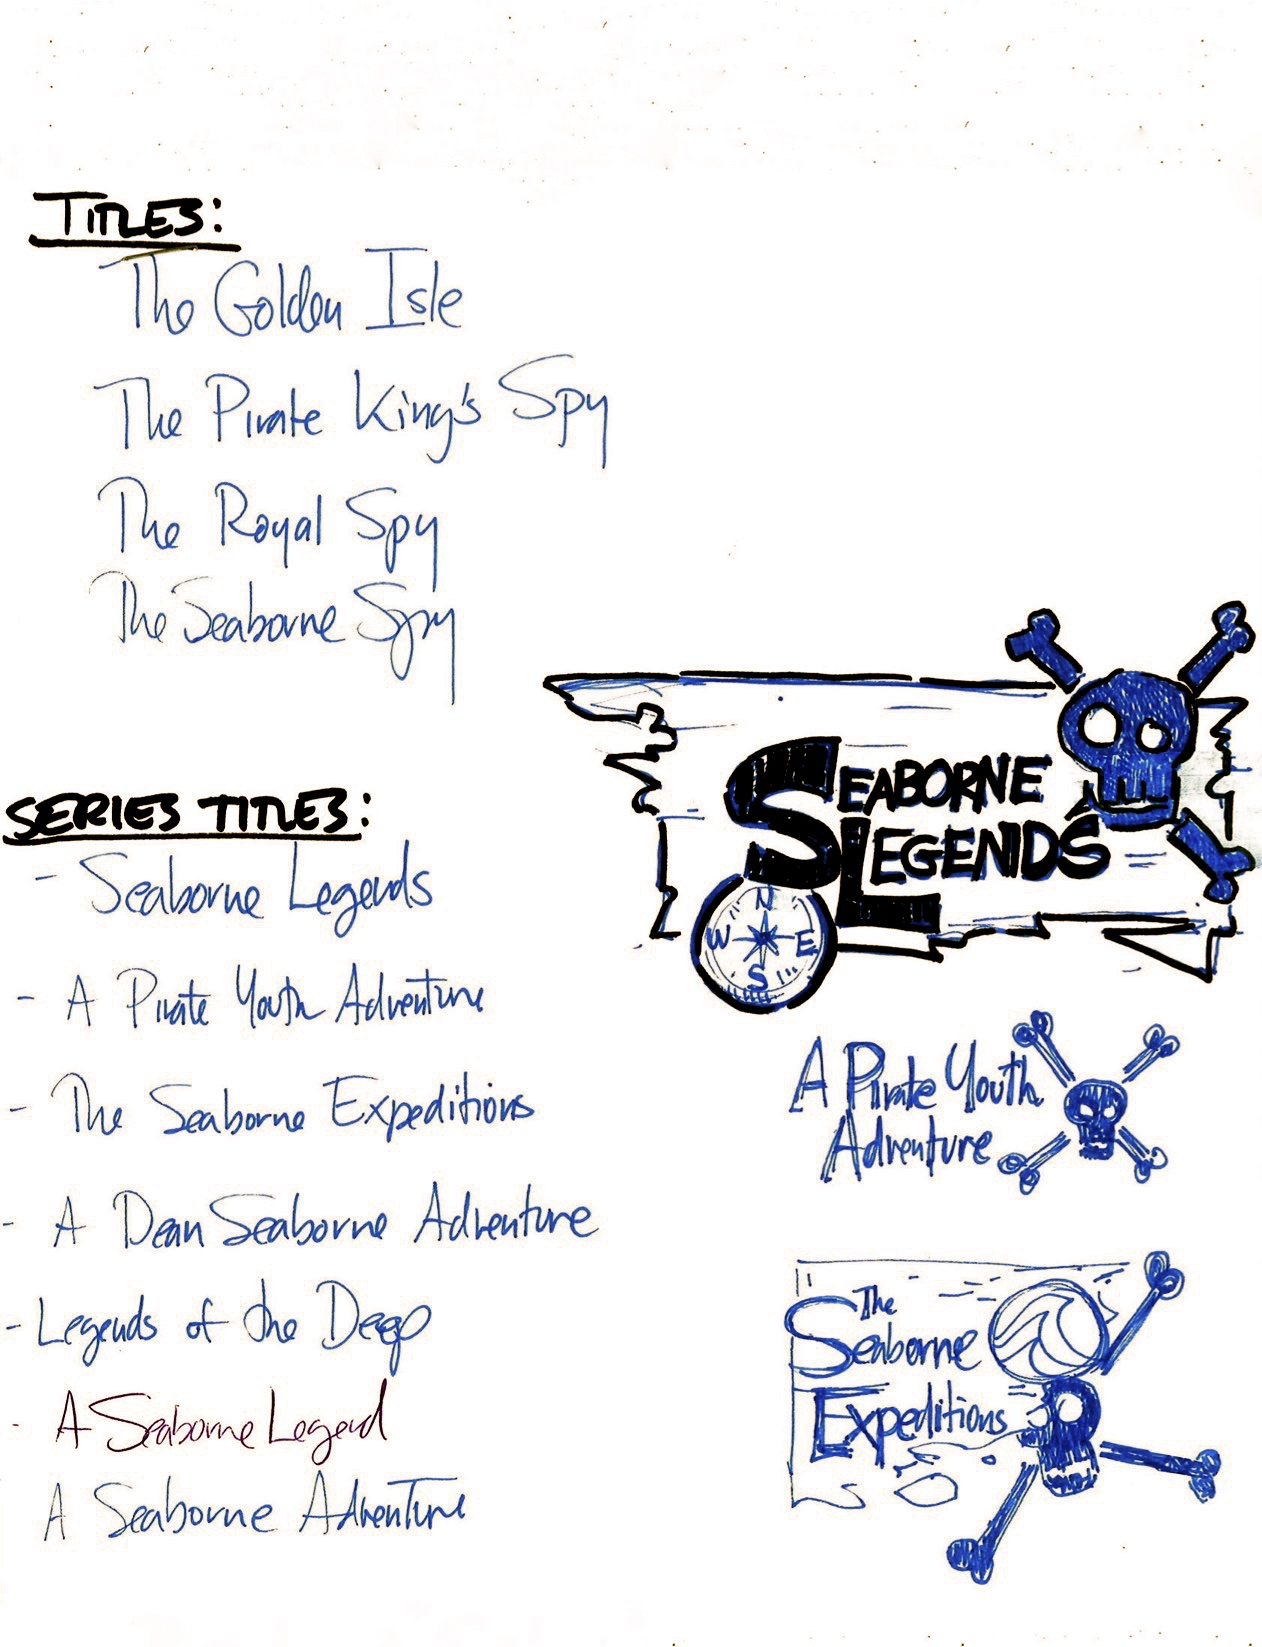 Alternate titles, series titles